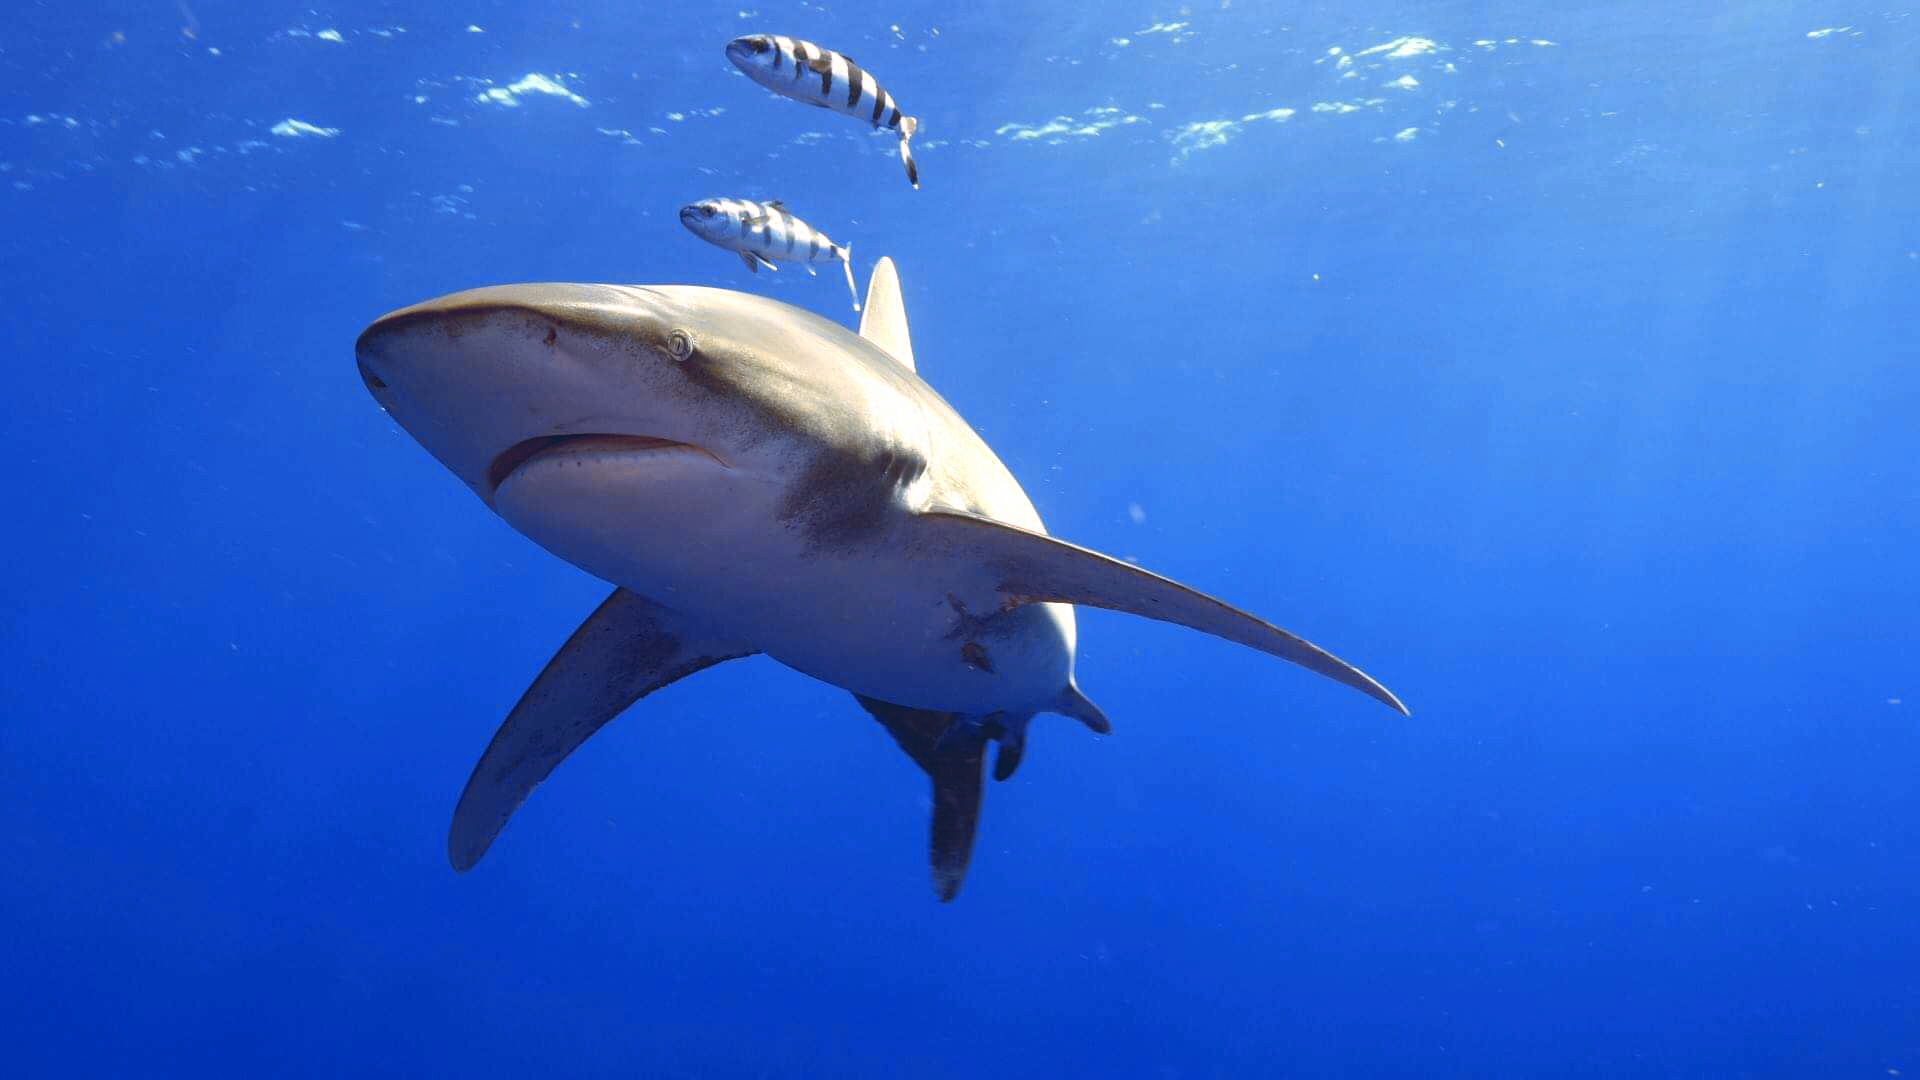 De la peur à l'admiration, l'image des requins à travers les cultures